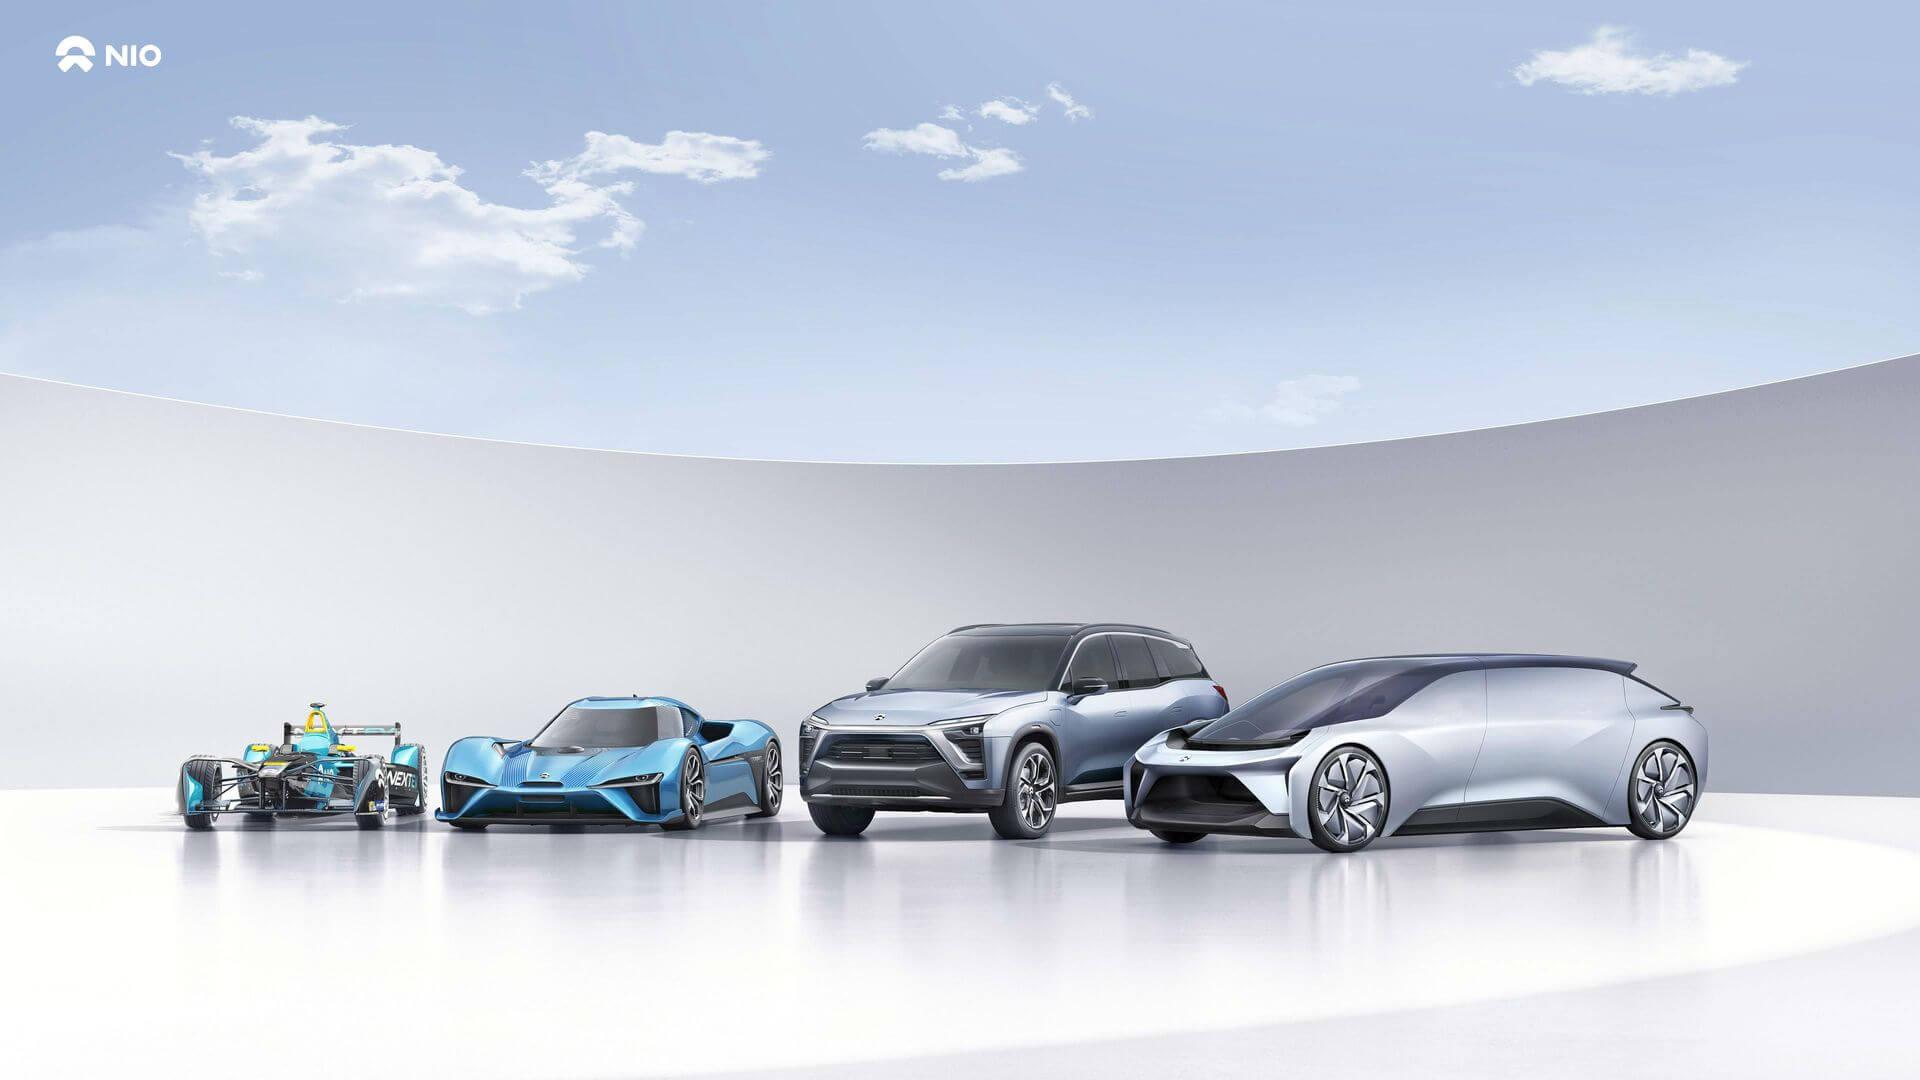 Модельный ряд электромобилей NIO